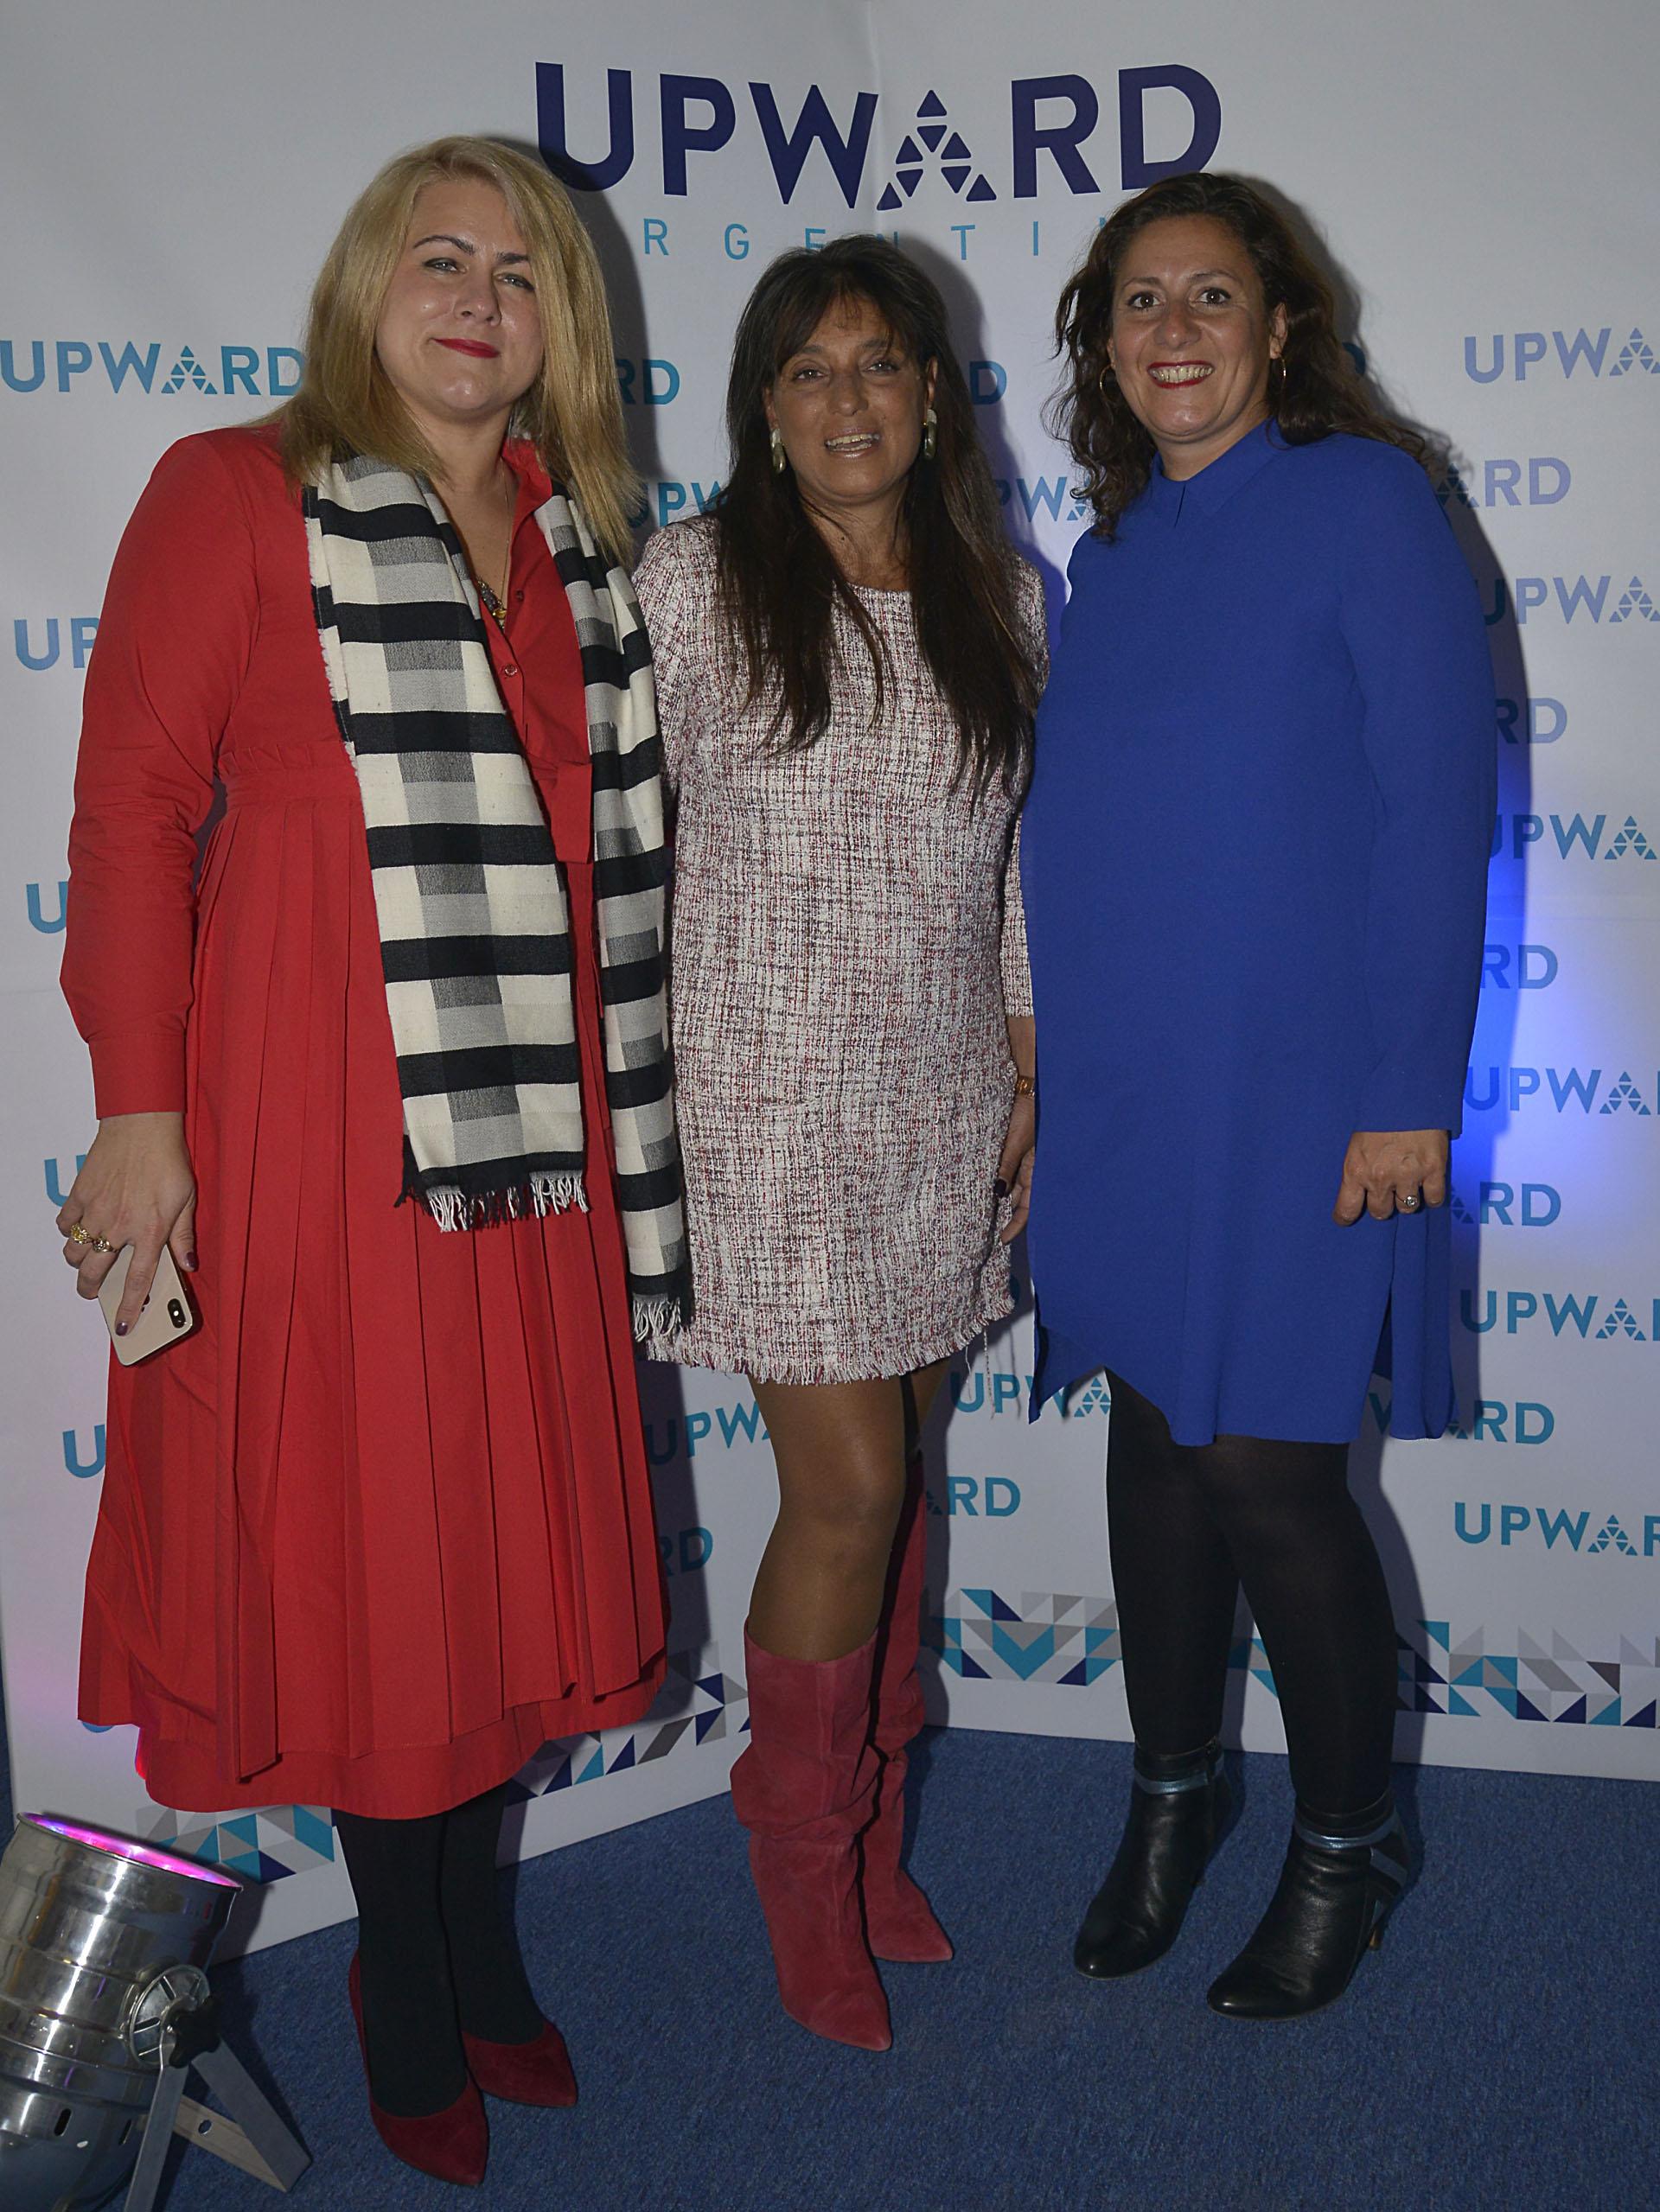 Natalie Kostus, vicepresidenta ejecutiva de IAW y representante de las Naciones Unidas; Viviana Zocco y Caroline Ramade